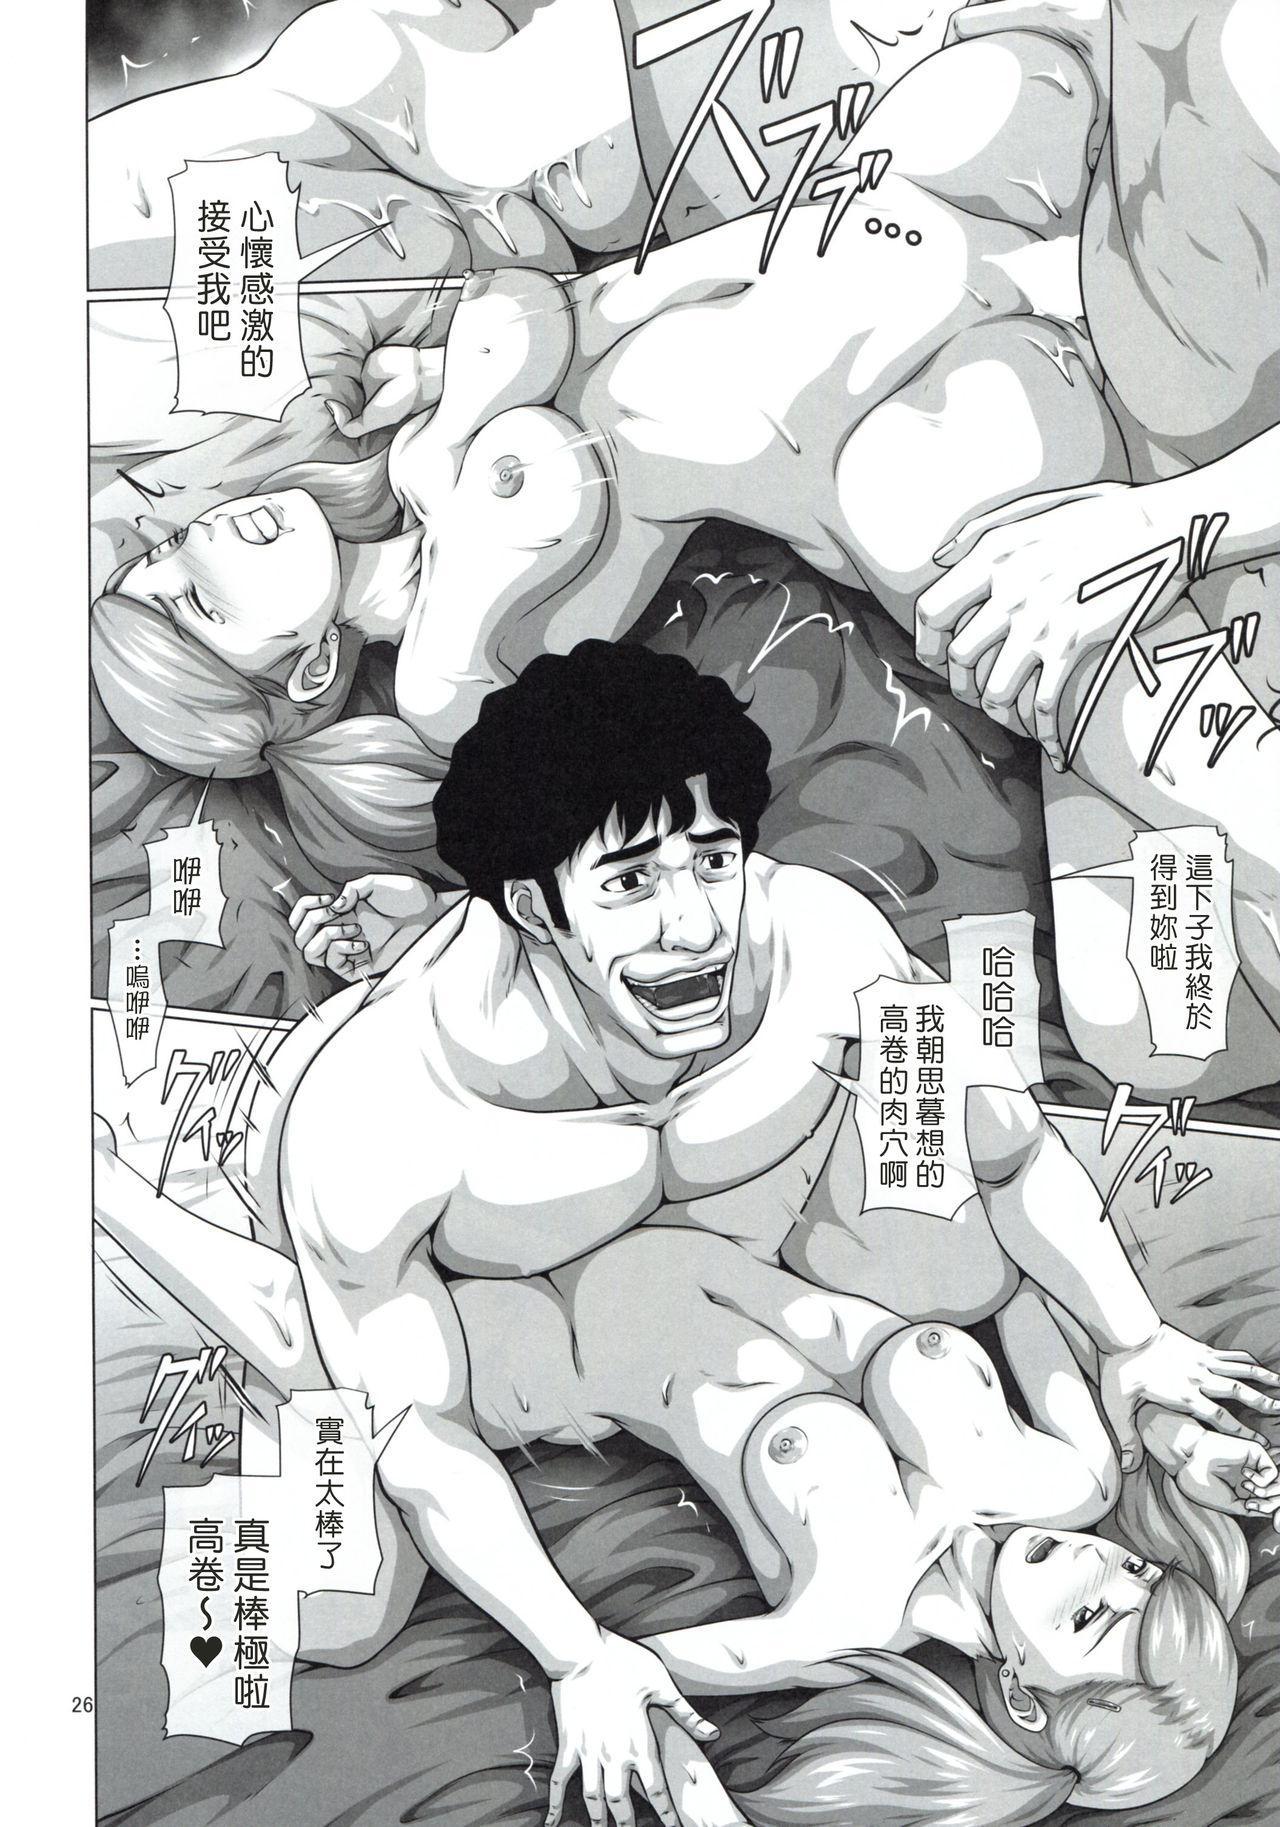 Shinyuu no Migawari ni Hentai Kyoushi ni Karada o Sasageru JK Anne 25